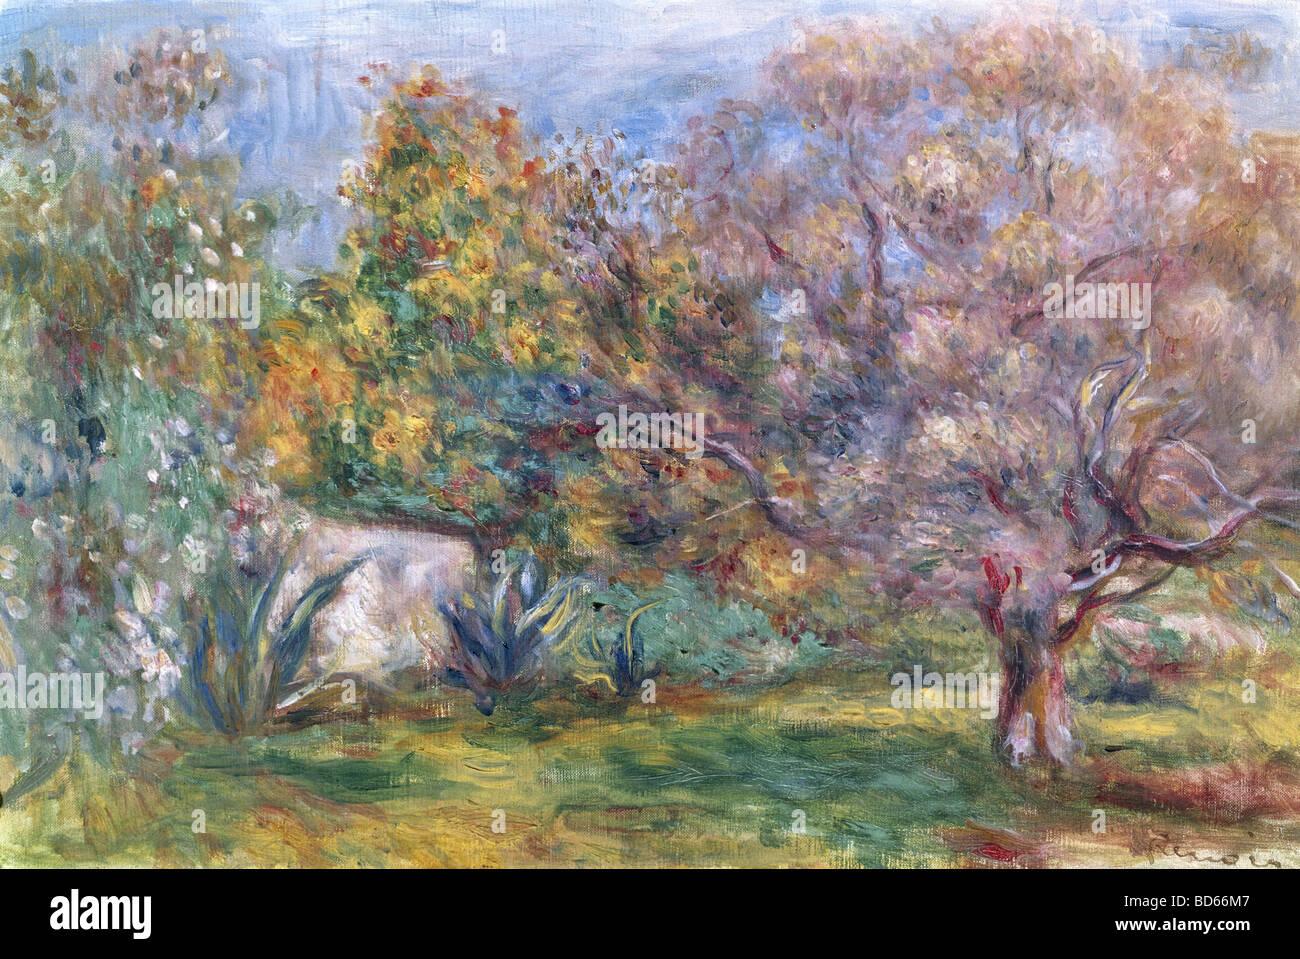 Finea rts, Renoir, Auguste (1841 - 1919), la peinture, le jardin 'live', Musée Folkwang, Essen, l'impressionnisme, Photo Stock